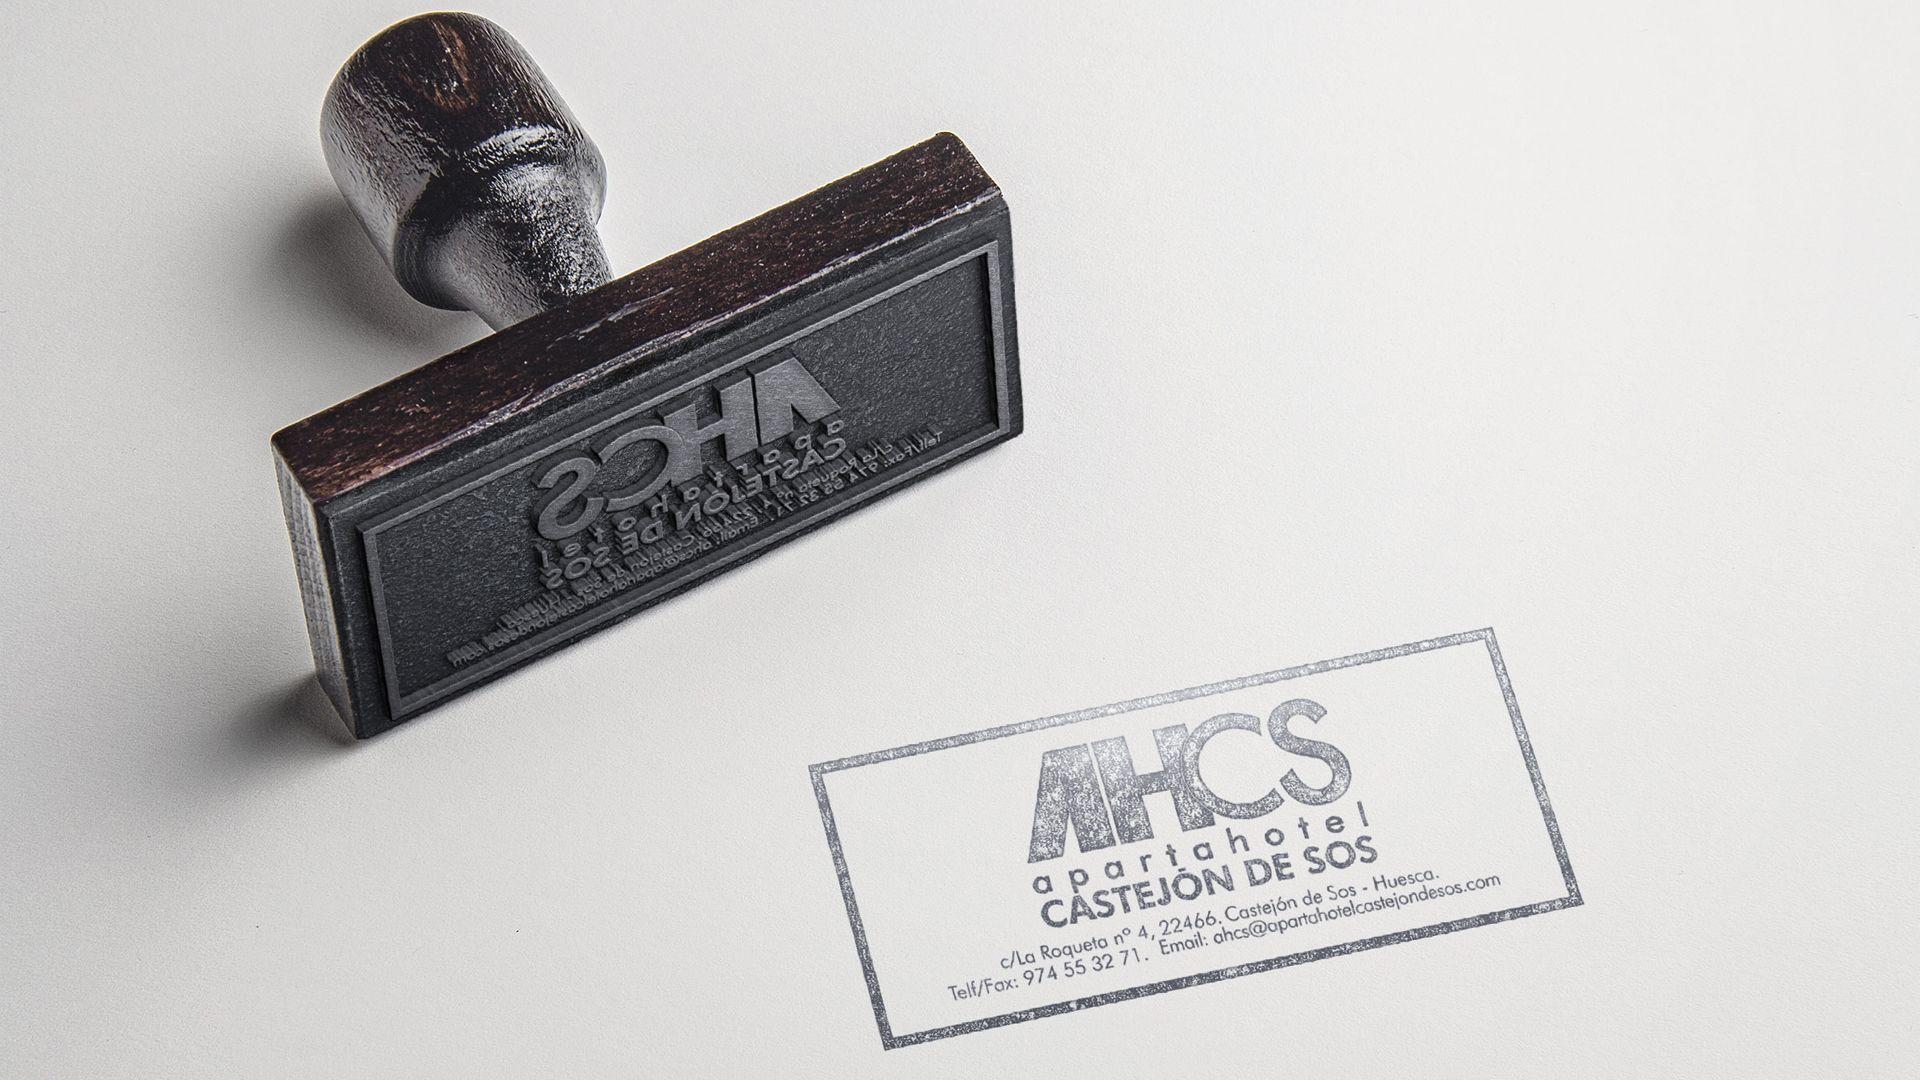 Apartahotel Castejón de Sos sello personalizado